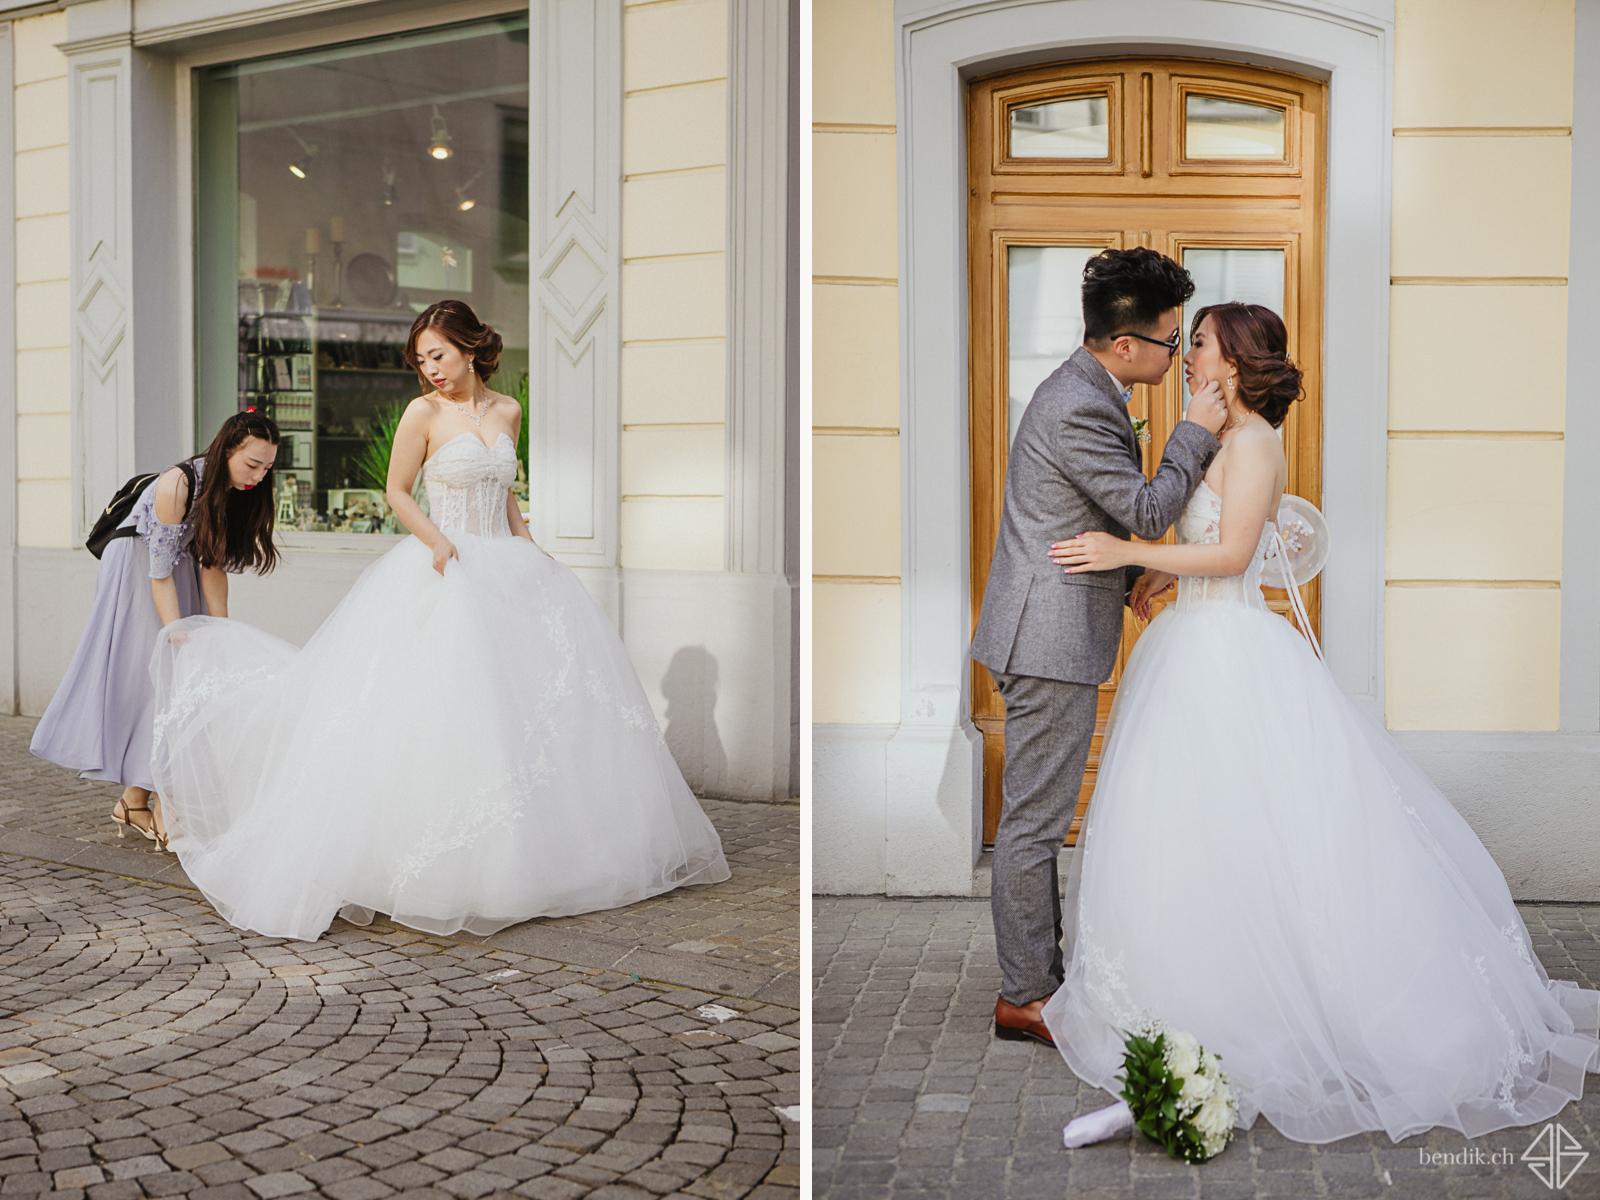 Braut in weissem Hochzeitskleid und Bräutigam betrachten sich zärtlich in Zuger Altstadt